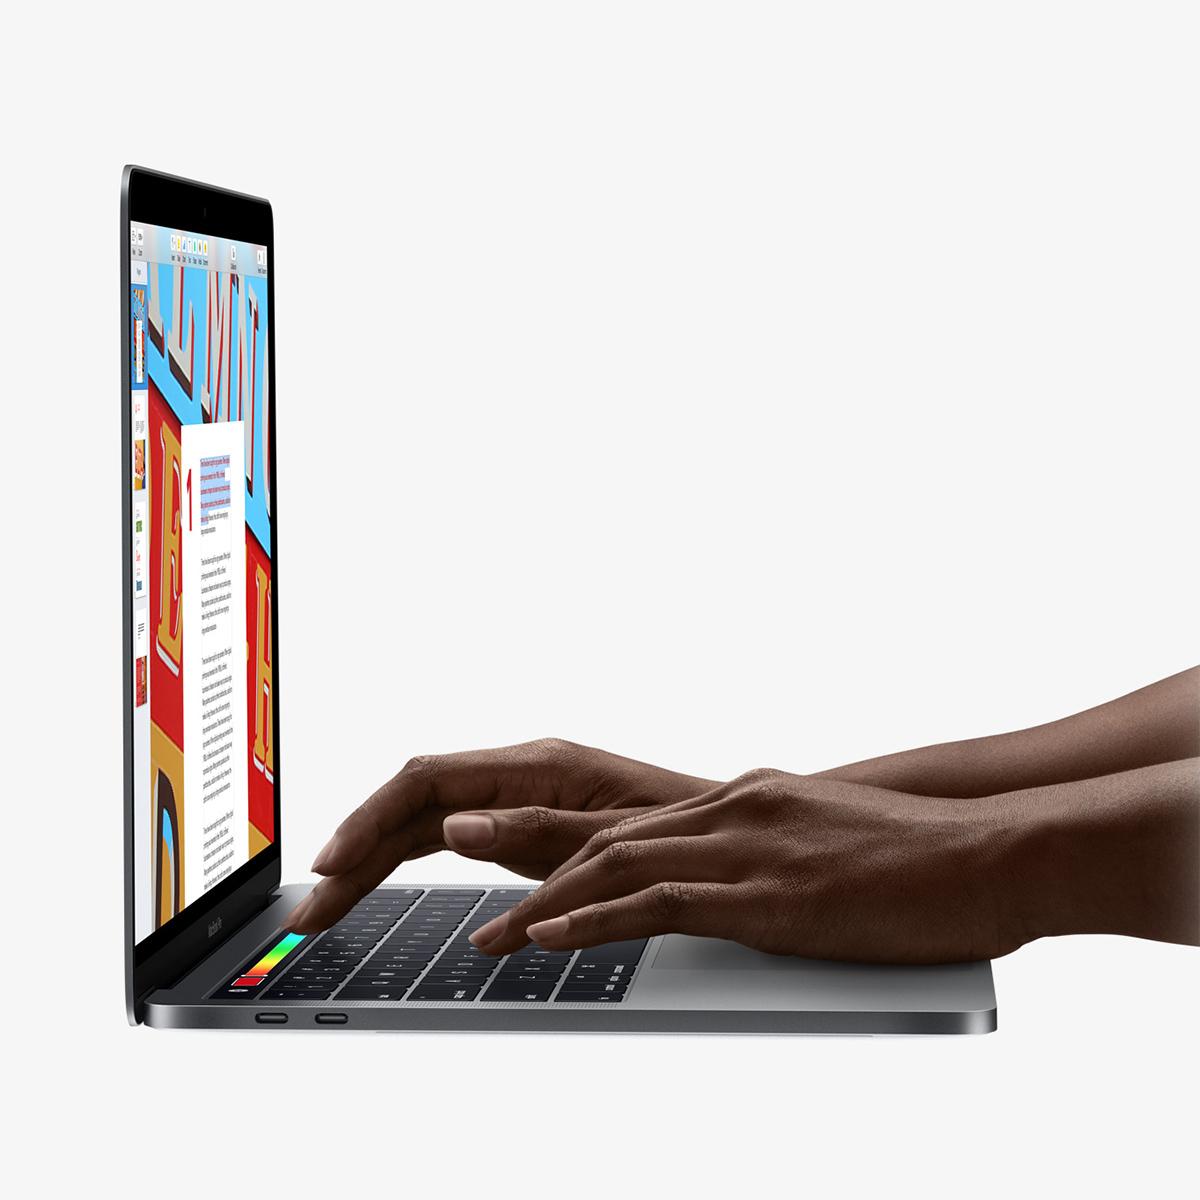 MacBook Pro 2016 - Touch Bar - Hands